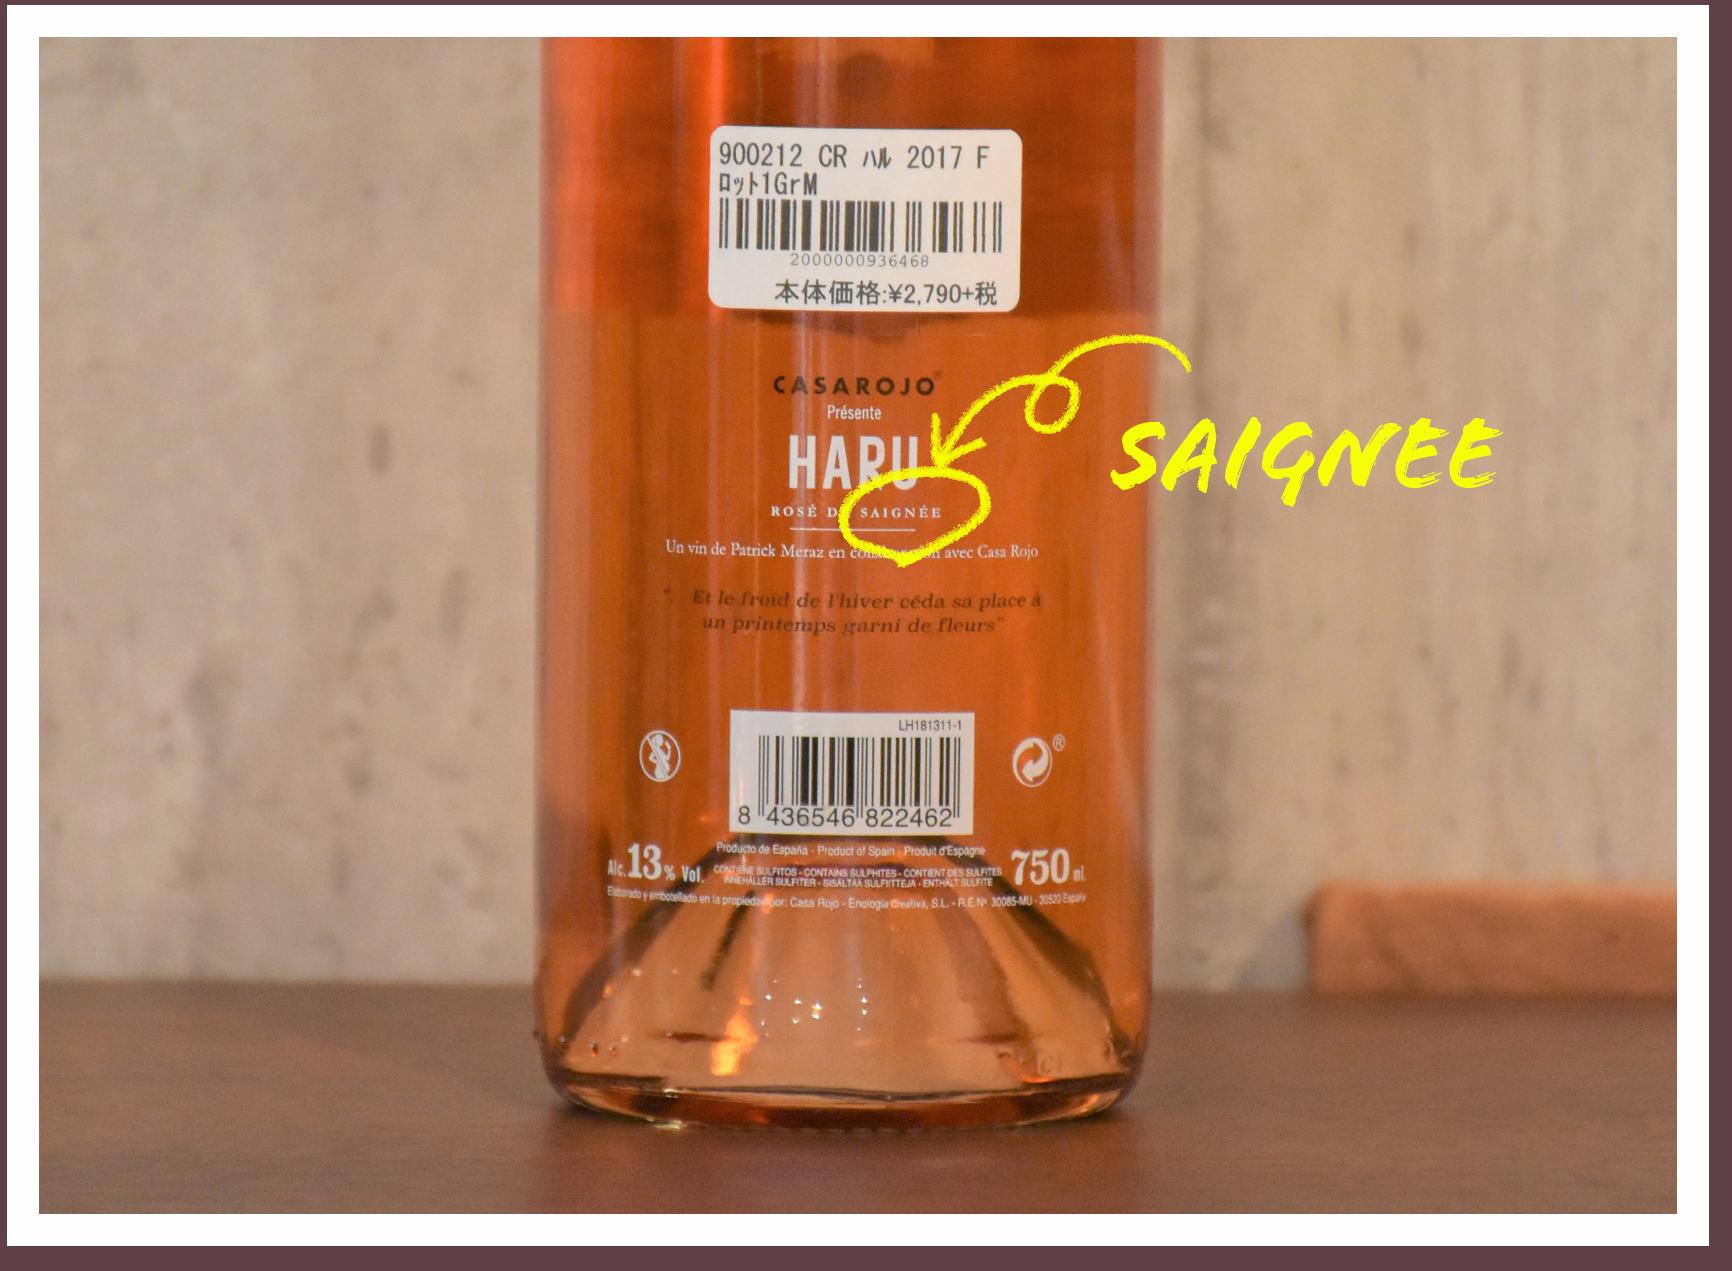 セニエ法 ボトル表記